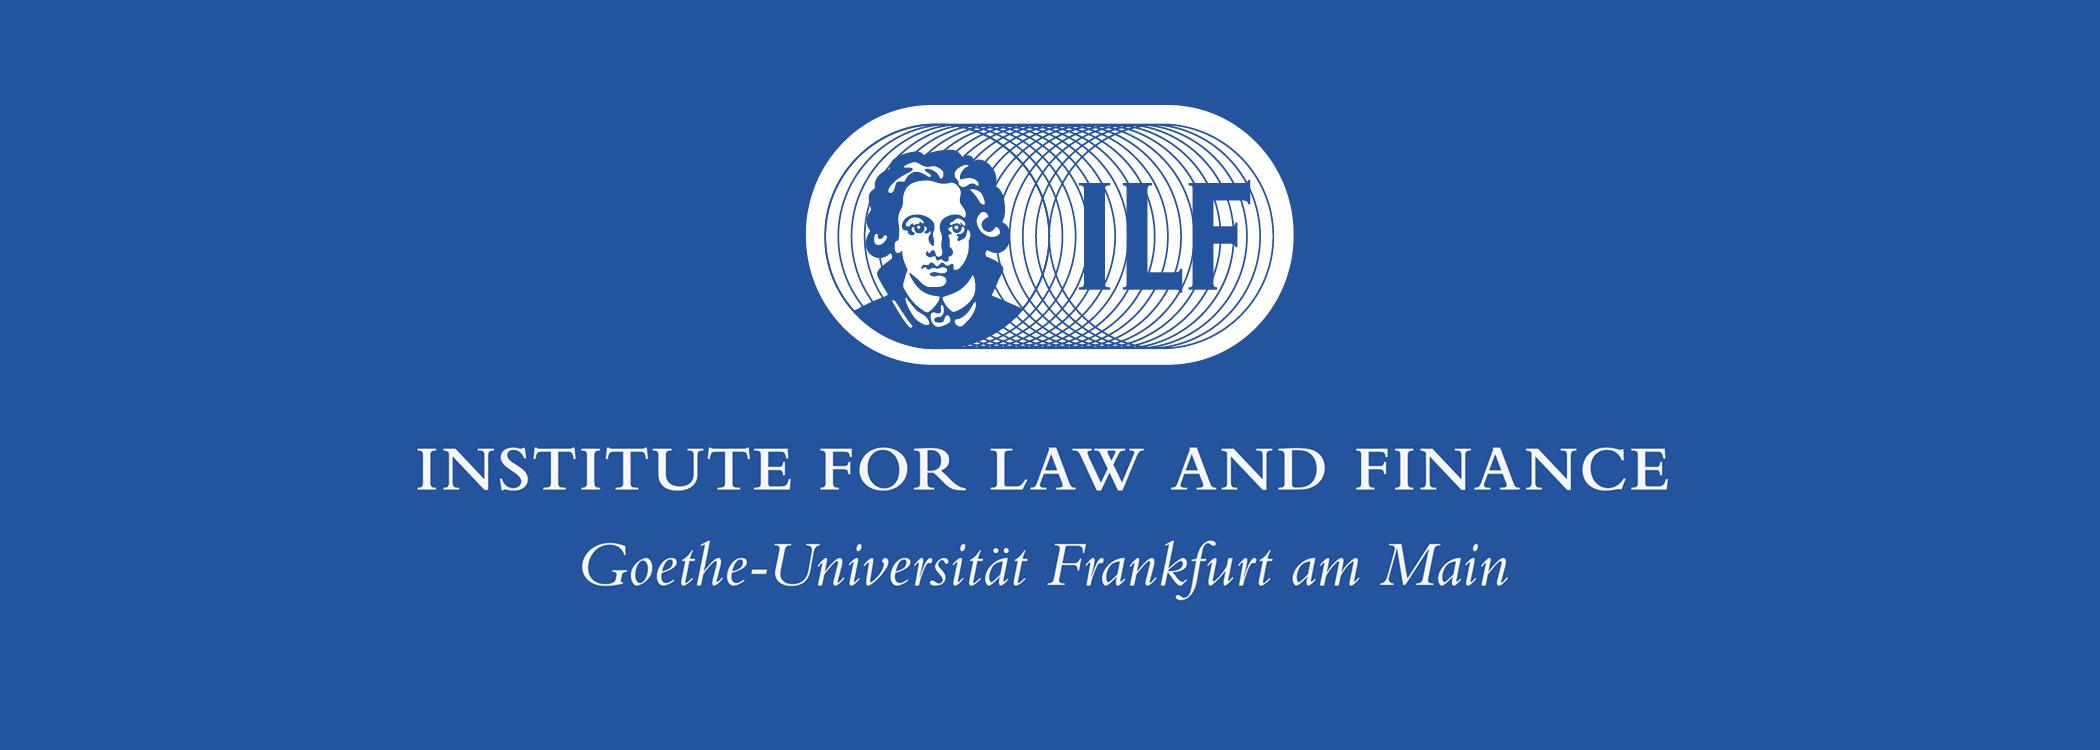 Studentische/r Bibliotheksmitarbeiter*in für 20 Stunden/Woche (m/w/d) - Institute for Law and Finance der Goethe-Universität Frankfurt - Logo